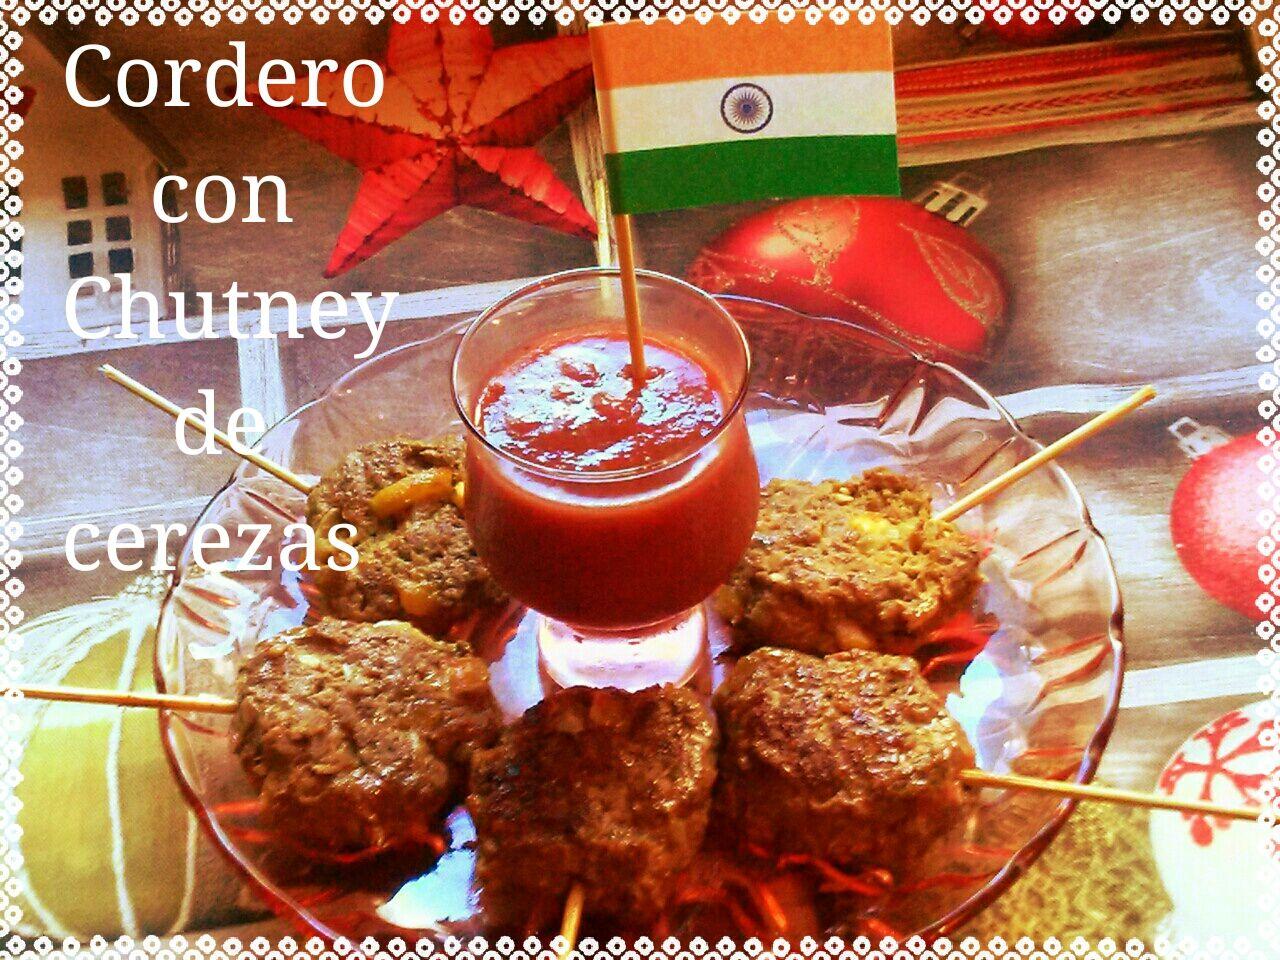 Paletilla de cordero con Chutney de cerezas y chile, India. (Cena de Navidad Worldwide)